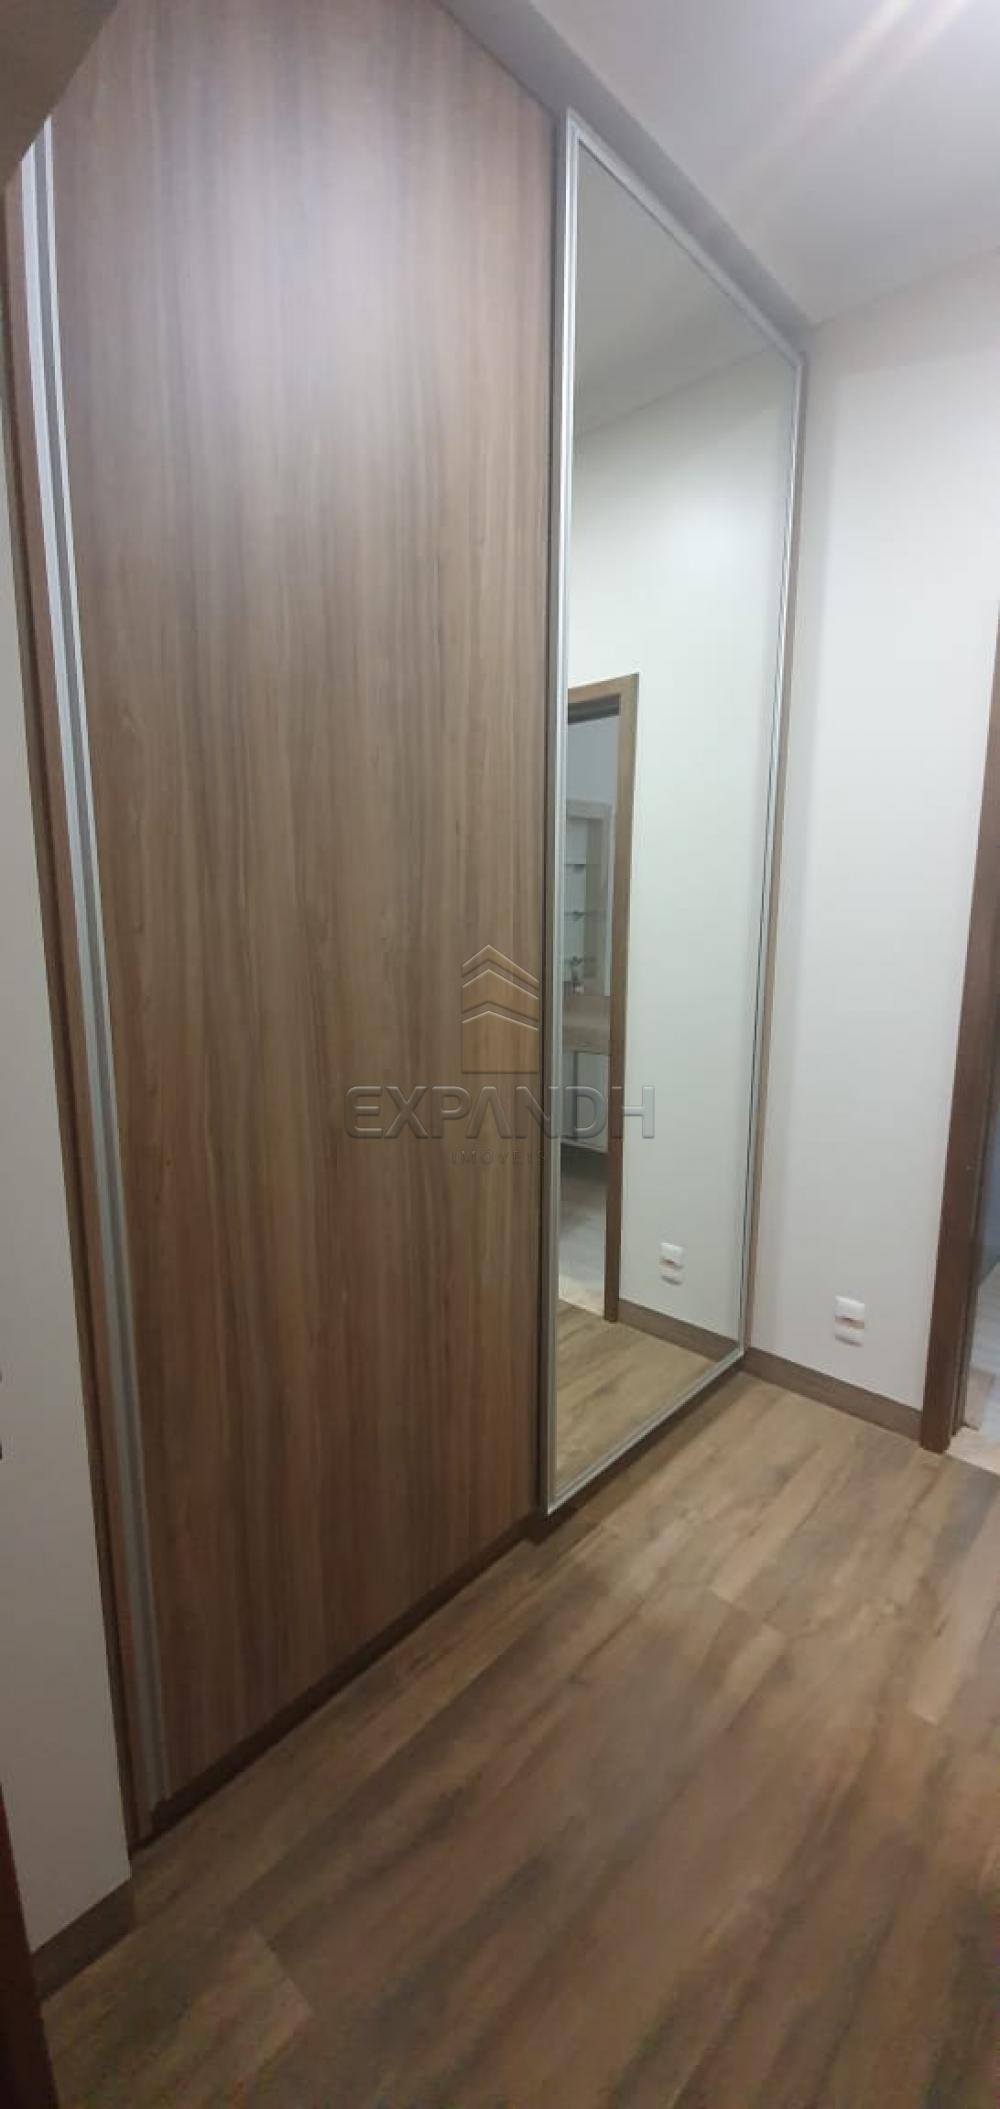 Comprar Casas / Padrão em Sertãozinho R$ 590.000,00 - Foto 22